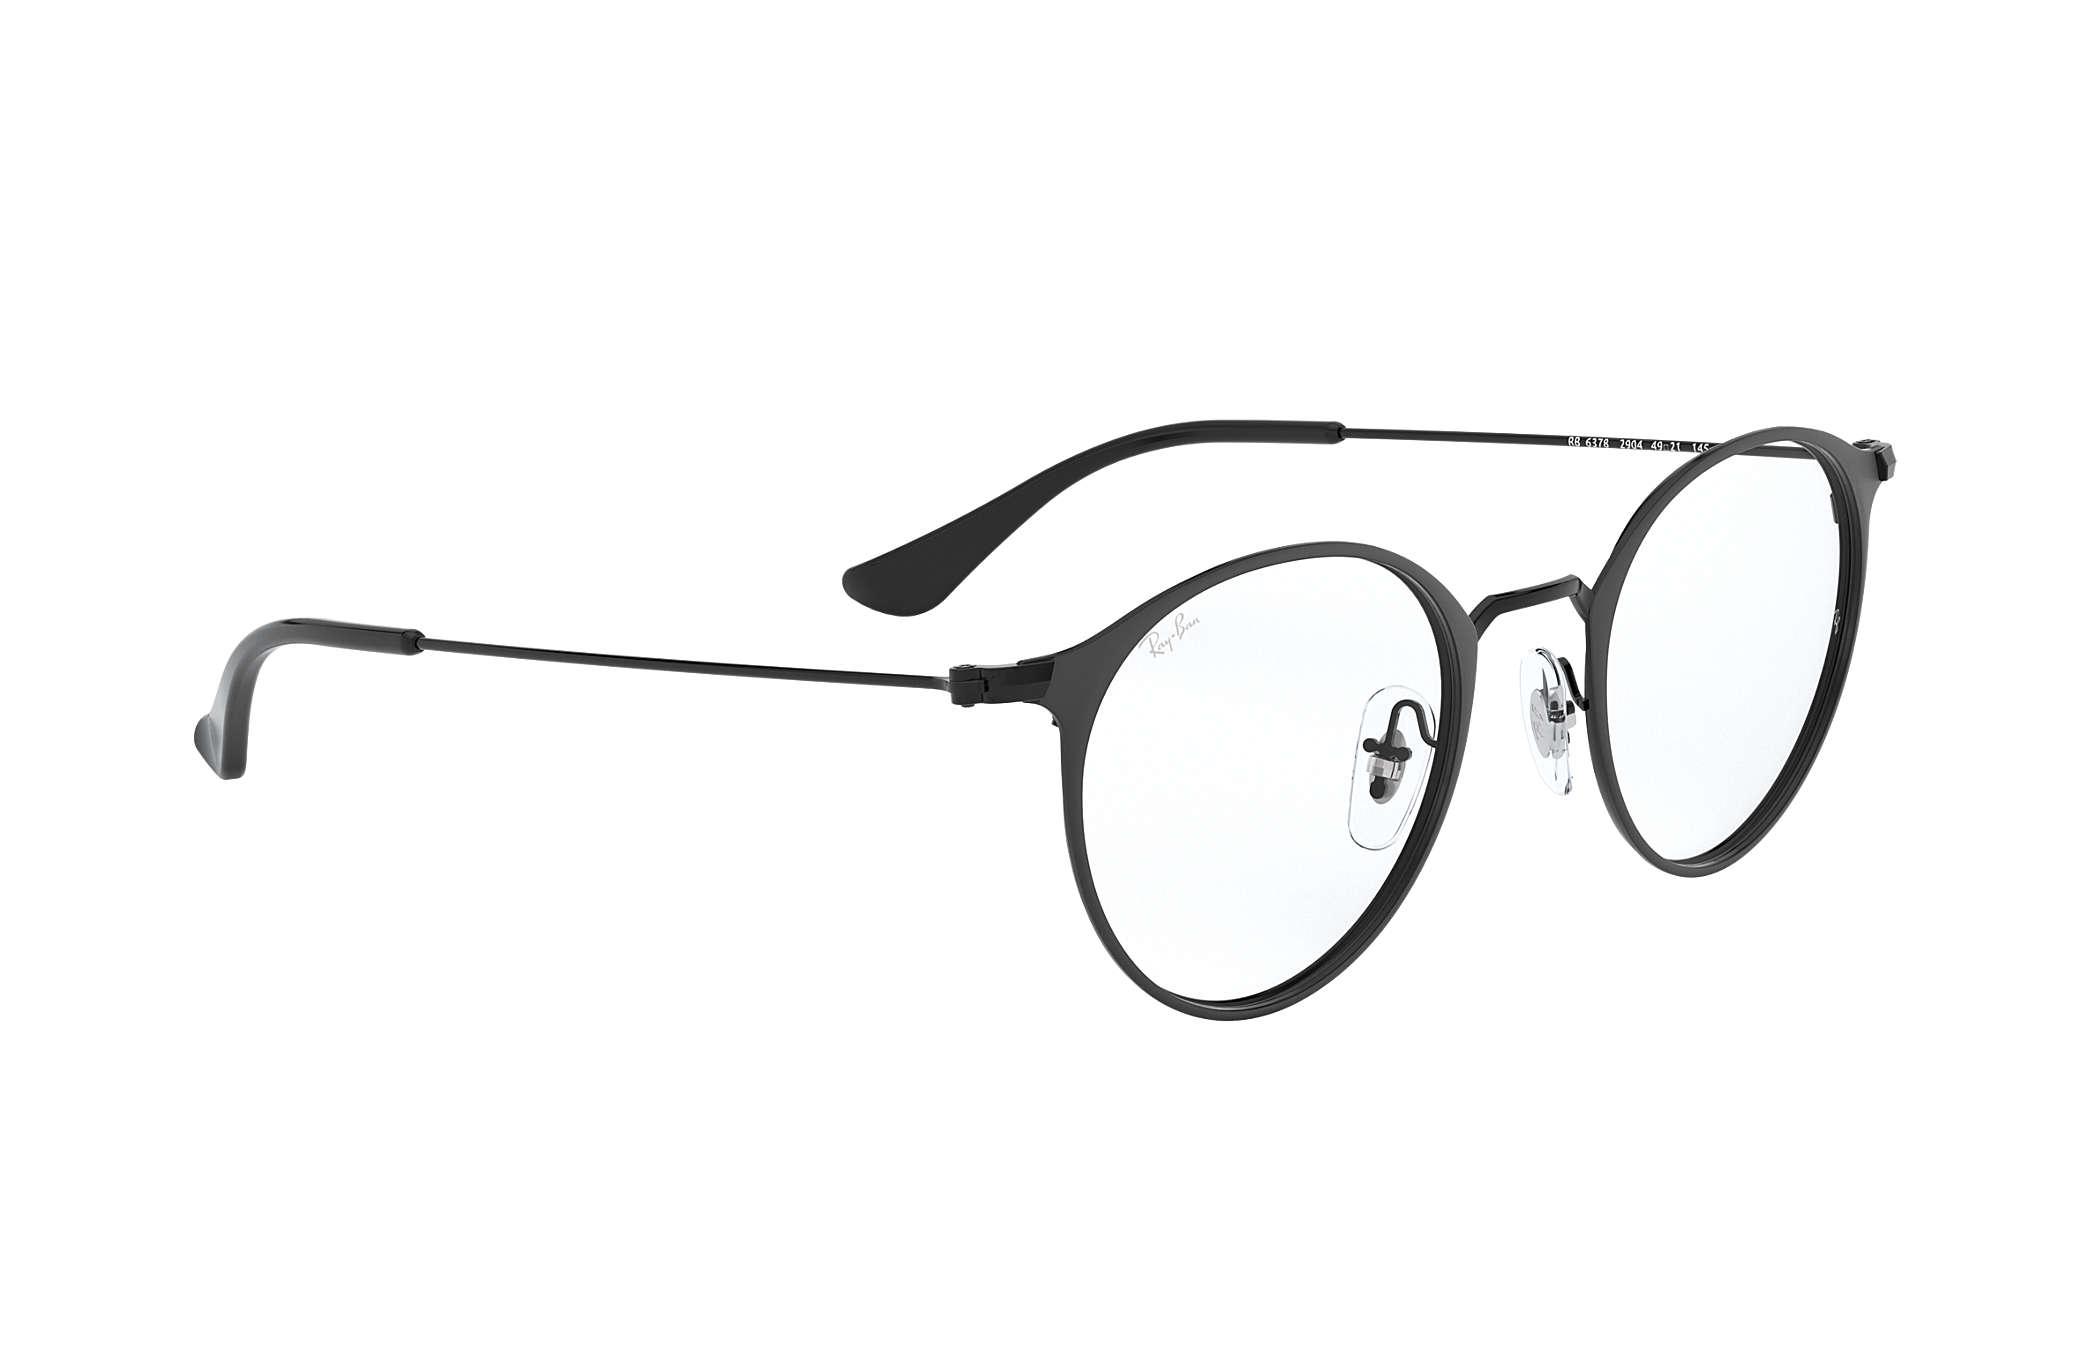 0438117a7e Gafas de vista Ray-Ban RB6378 Negro - Metal - 0RX6378290447 | Ray ...